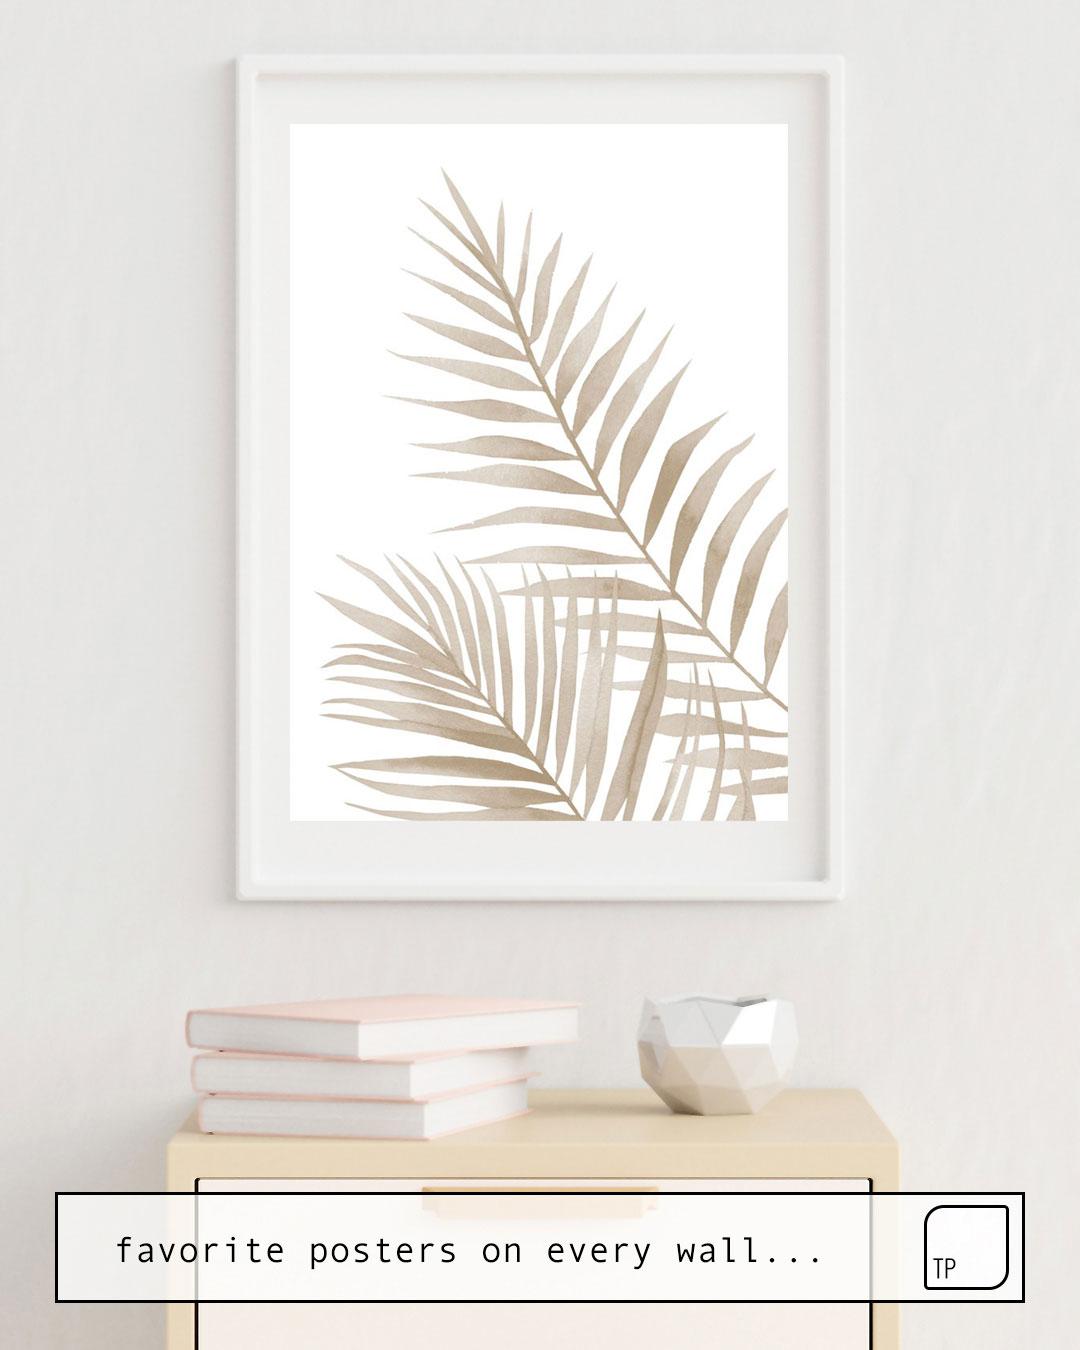 Das Bild zeigt ein Einrichtungsbeispiel mit dem Motiv BEIGE LEAVES von Art by ASolo als Wandbild